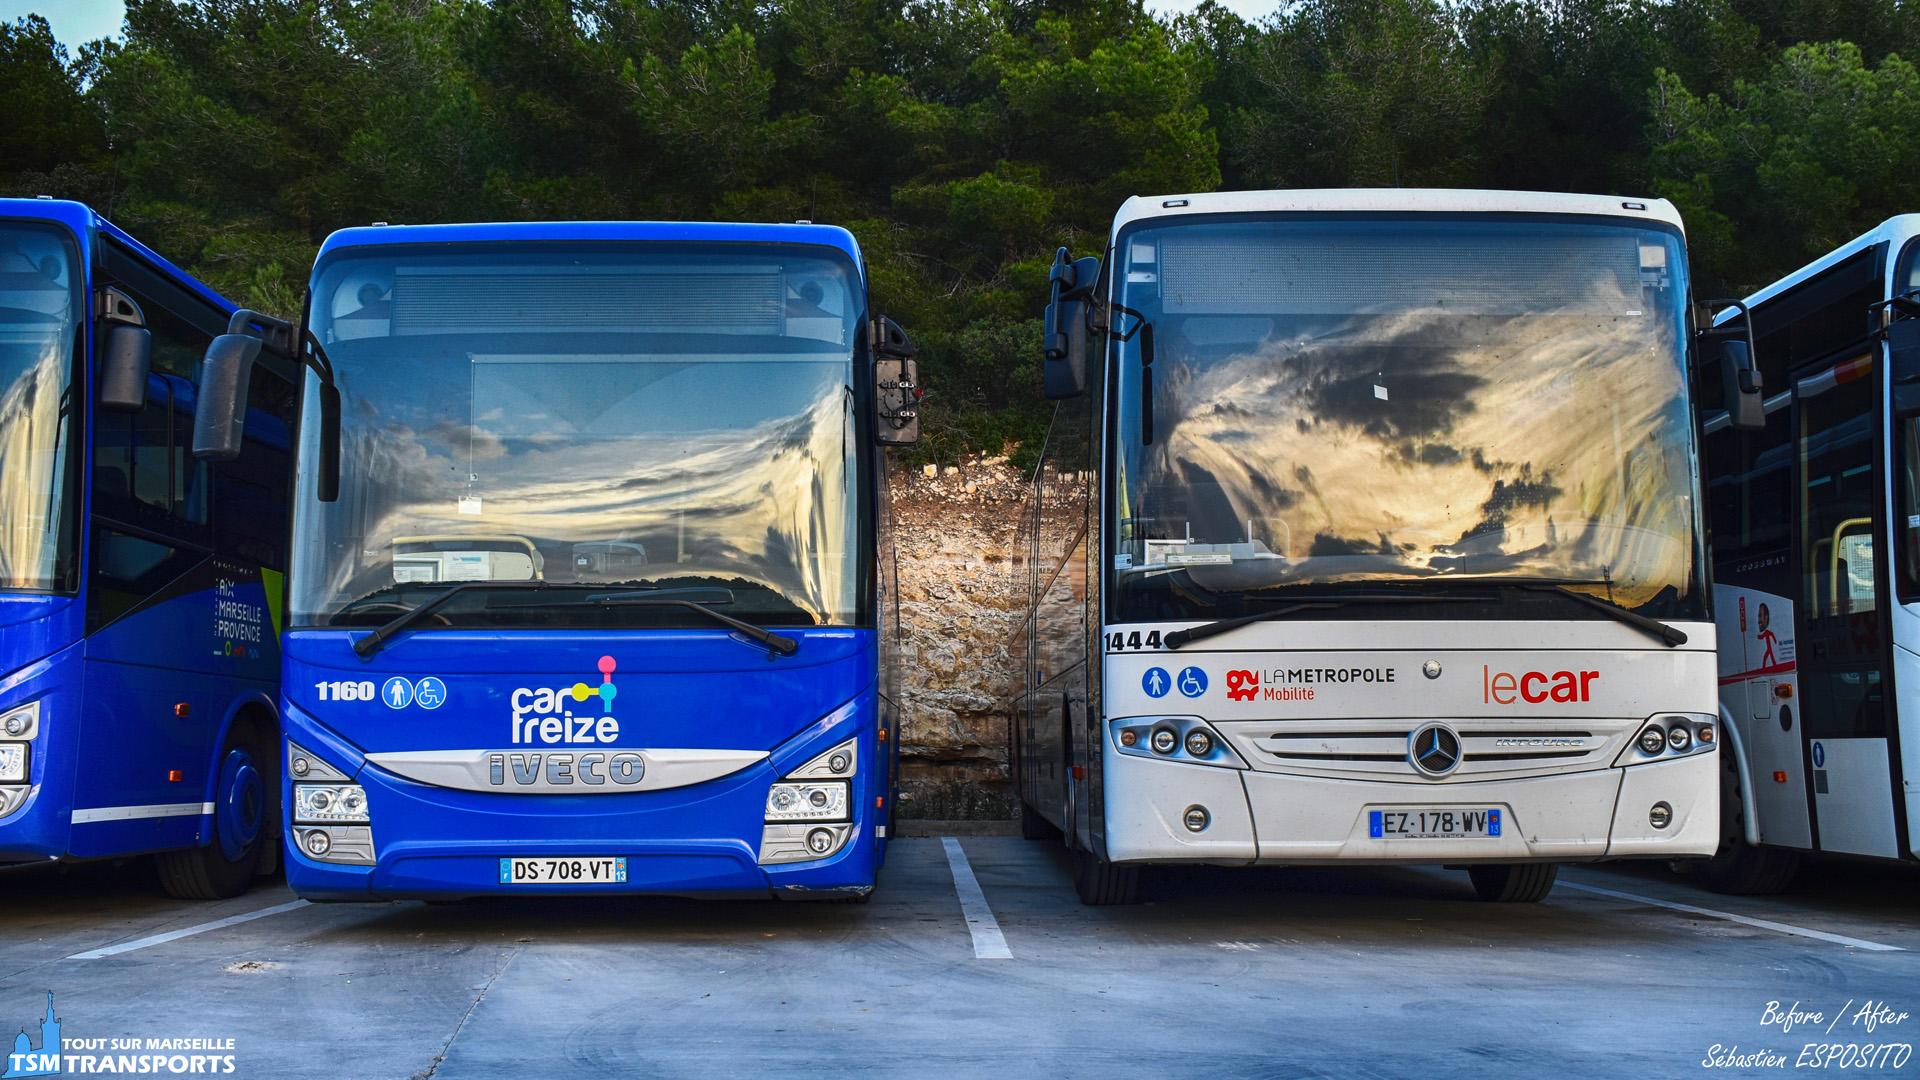 """Alors que le nom du nouveau réseau de transport en commun métropolitain a été dévoilé il y a quelques mois, la société S.N.T. SUMA fait partie des transporteurs concernés par la réforme, le dépôt de Rognac procède donc à la métamorphose des véhicules du parc. . Ici je me trouve face à un Iveco Crossway Line (à gauche) avec les anciennes couleurs et un Mercedes Benz Intouro avec la nouvelle livrée de """"La Métropole Mobilité"""". . ℹ️ Iveco Crossway Line SUMA n°1160 et Mercedes Benz Intouro SUMA n°1444. . 📍S.N.T. SUMA, 3800, RN113, 13340 Rognac. . 🏢 S.N.T. SUMA (Société Nouvelle transport SUMA). . 📸 Nikon D5600. . 📷 Nikkor 18-55mm. . 📅 14 Novembre 2018 à 16:09. . 👨 Sébastien ESPOSITO."""